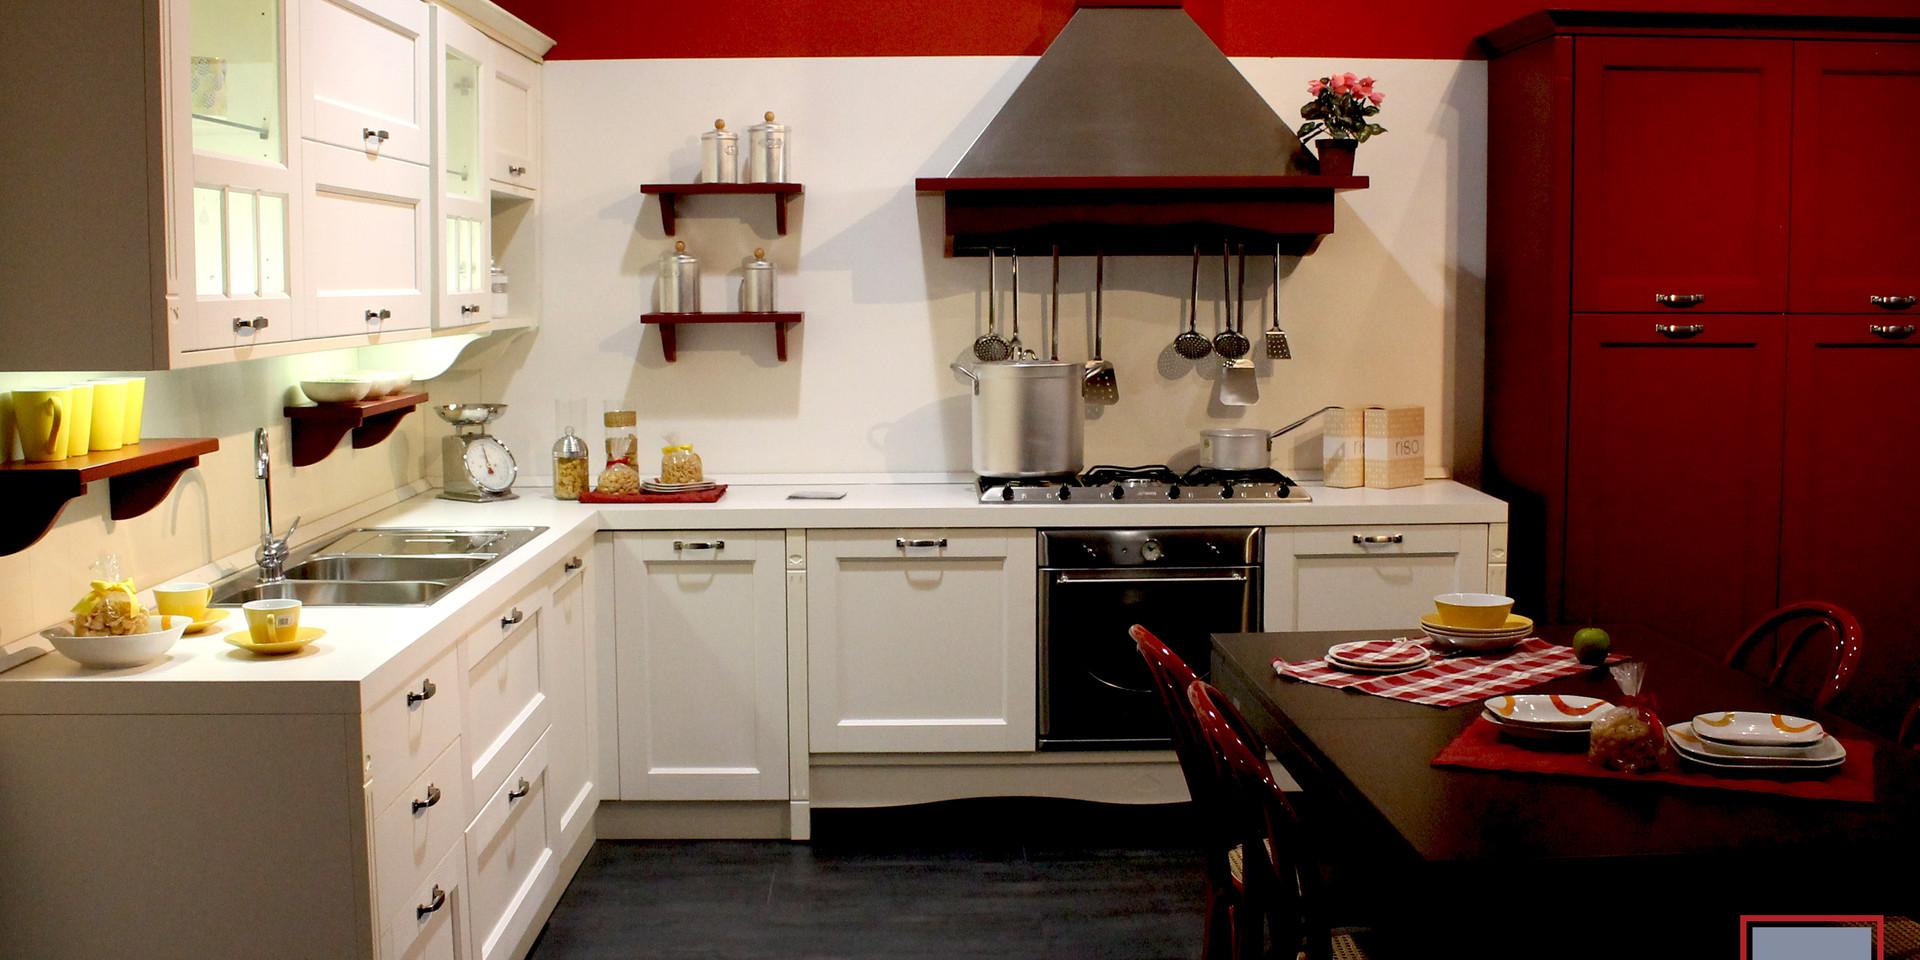 Cucina Gretha Veneta Cucine da Sigla Arredamenti